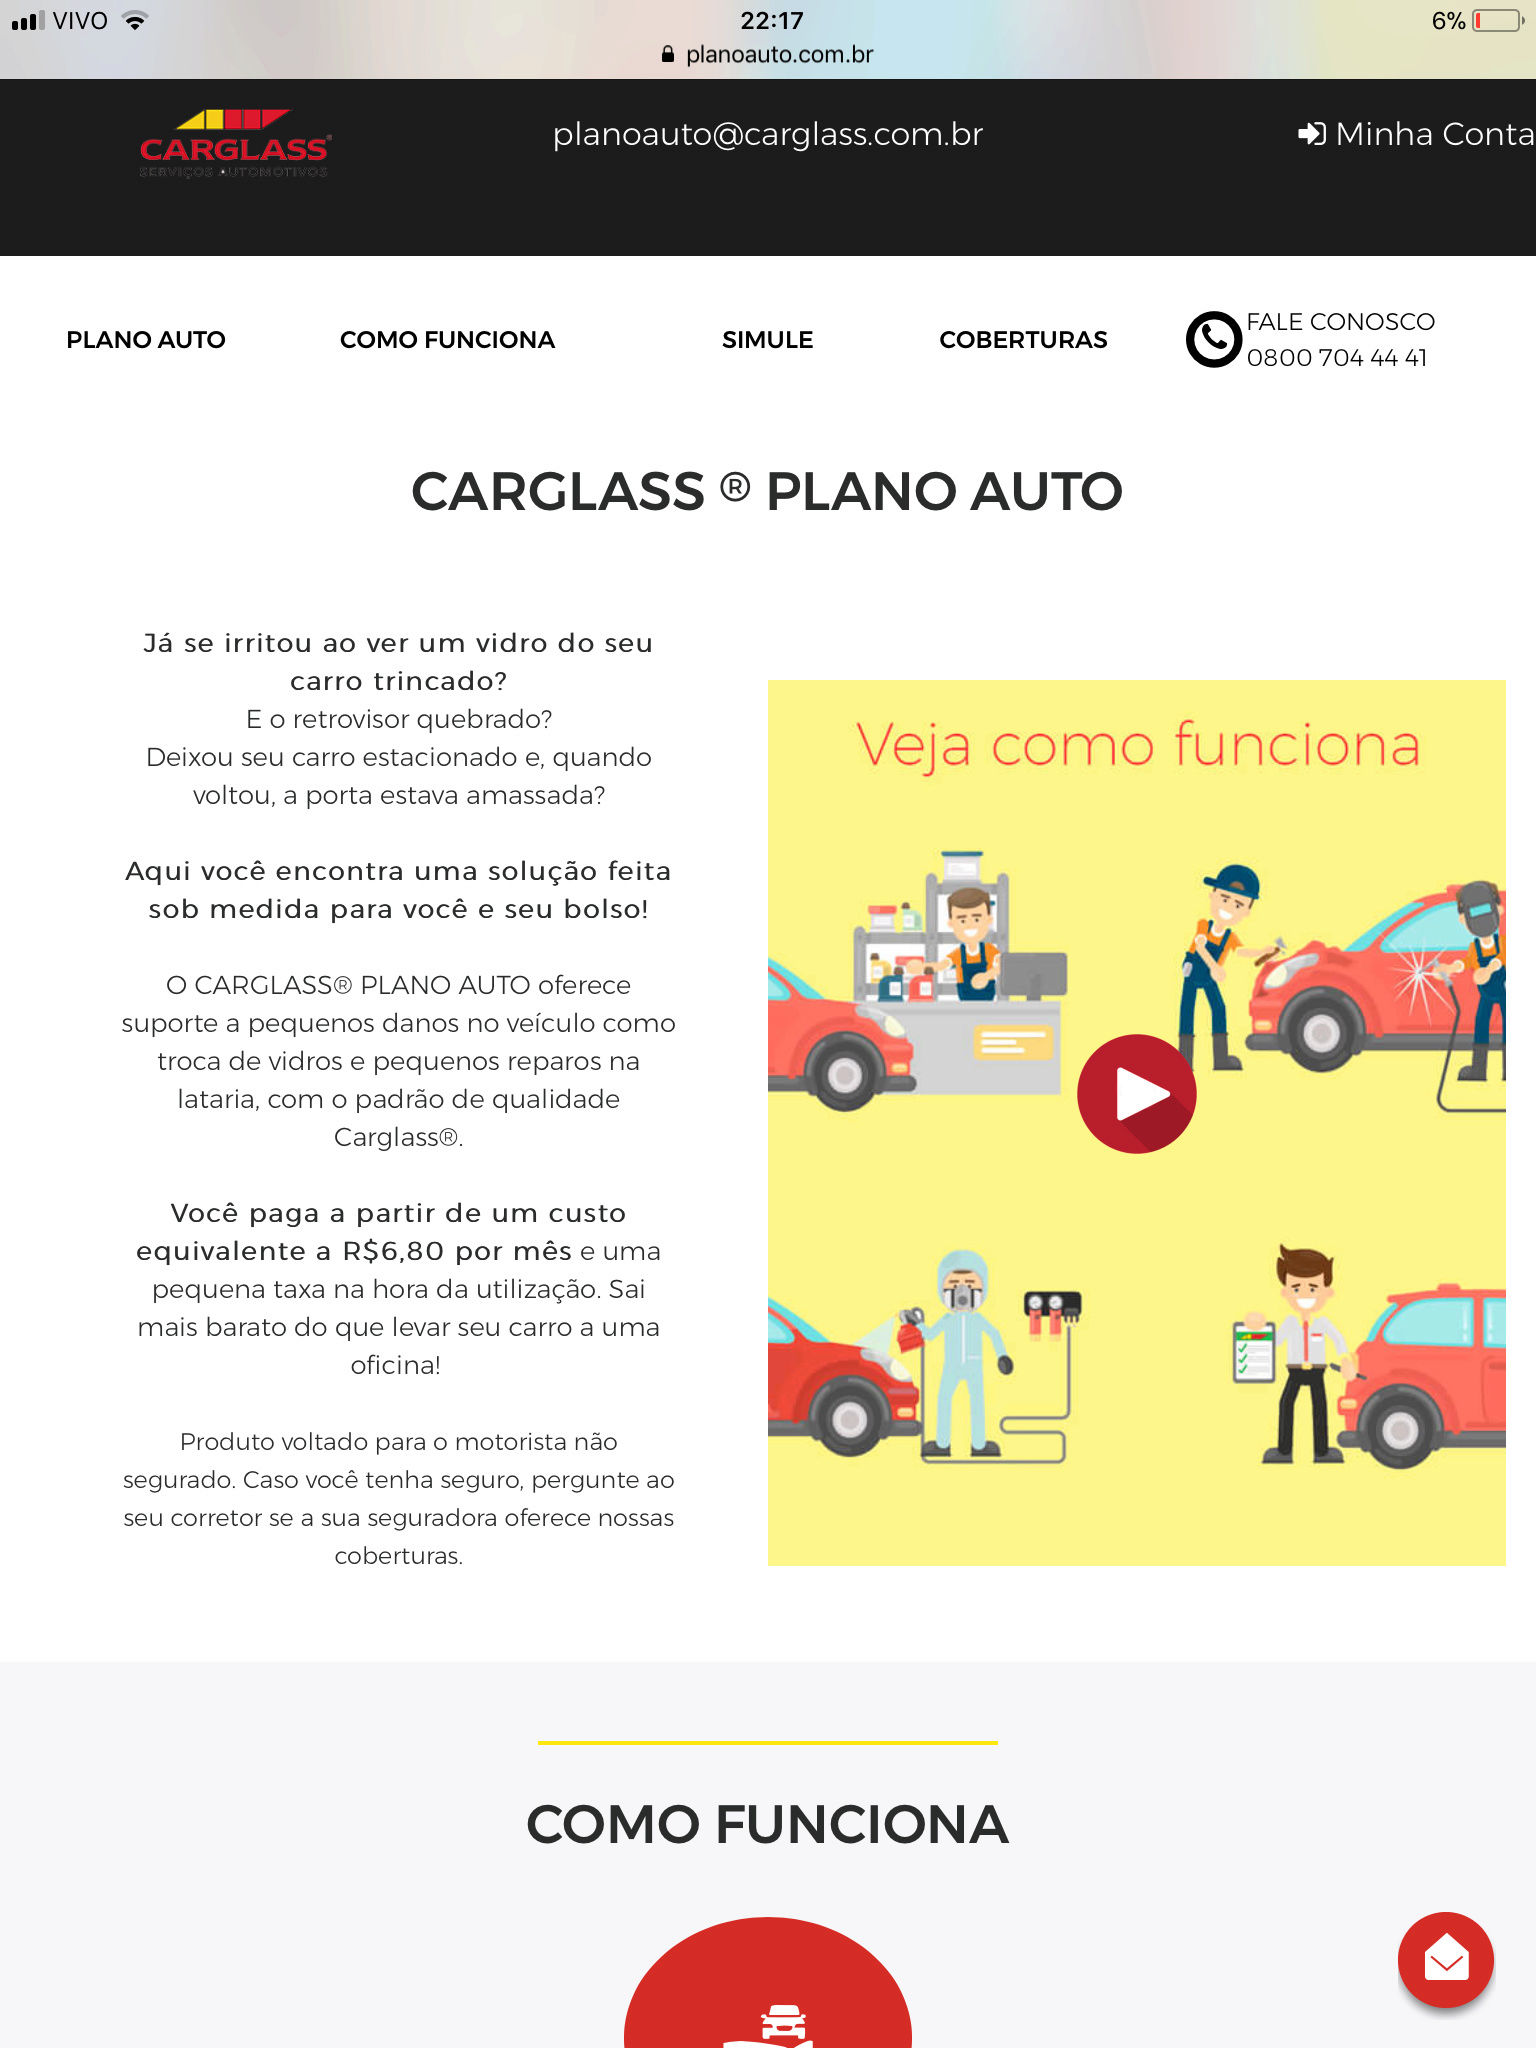 (MANUTENÇÃO): Seguro Auto Carglass® para vídros, faróis/lanternas, retrovisores e martelinho de ouro  E76a0e10